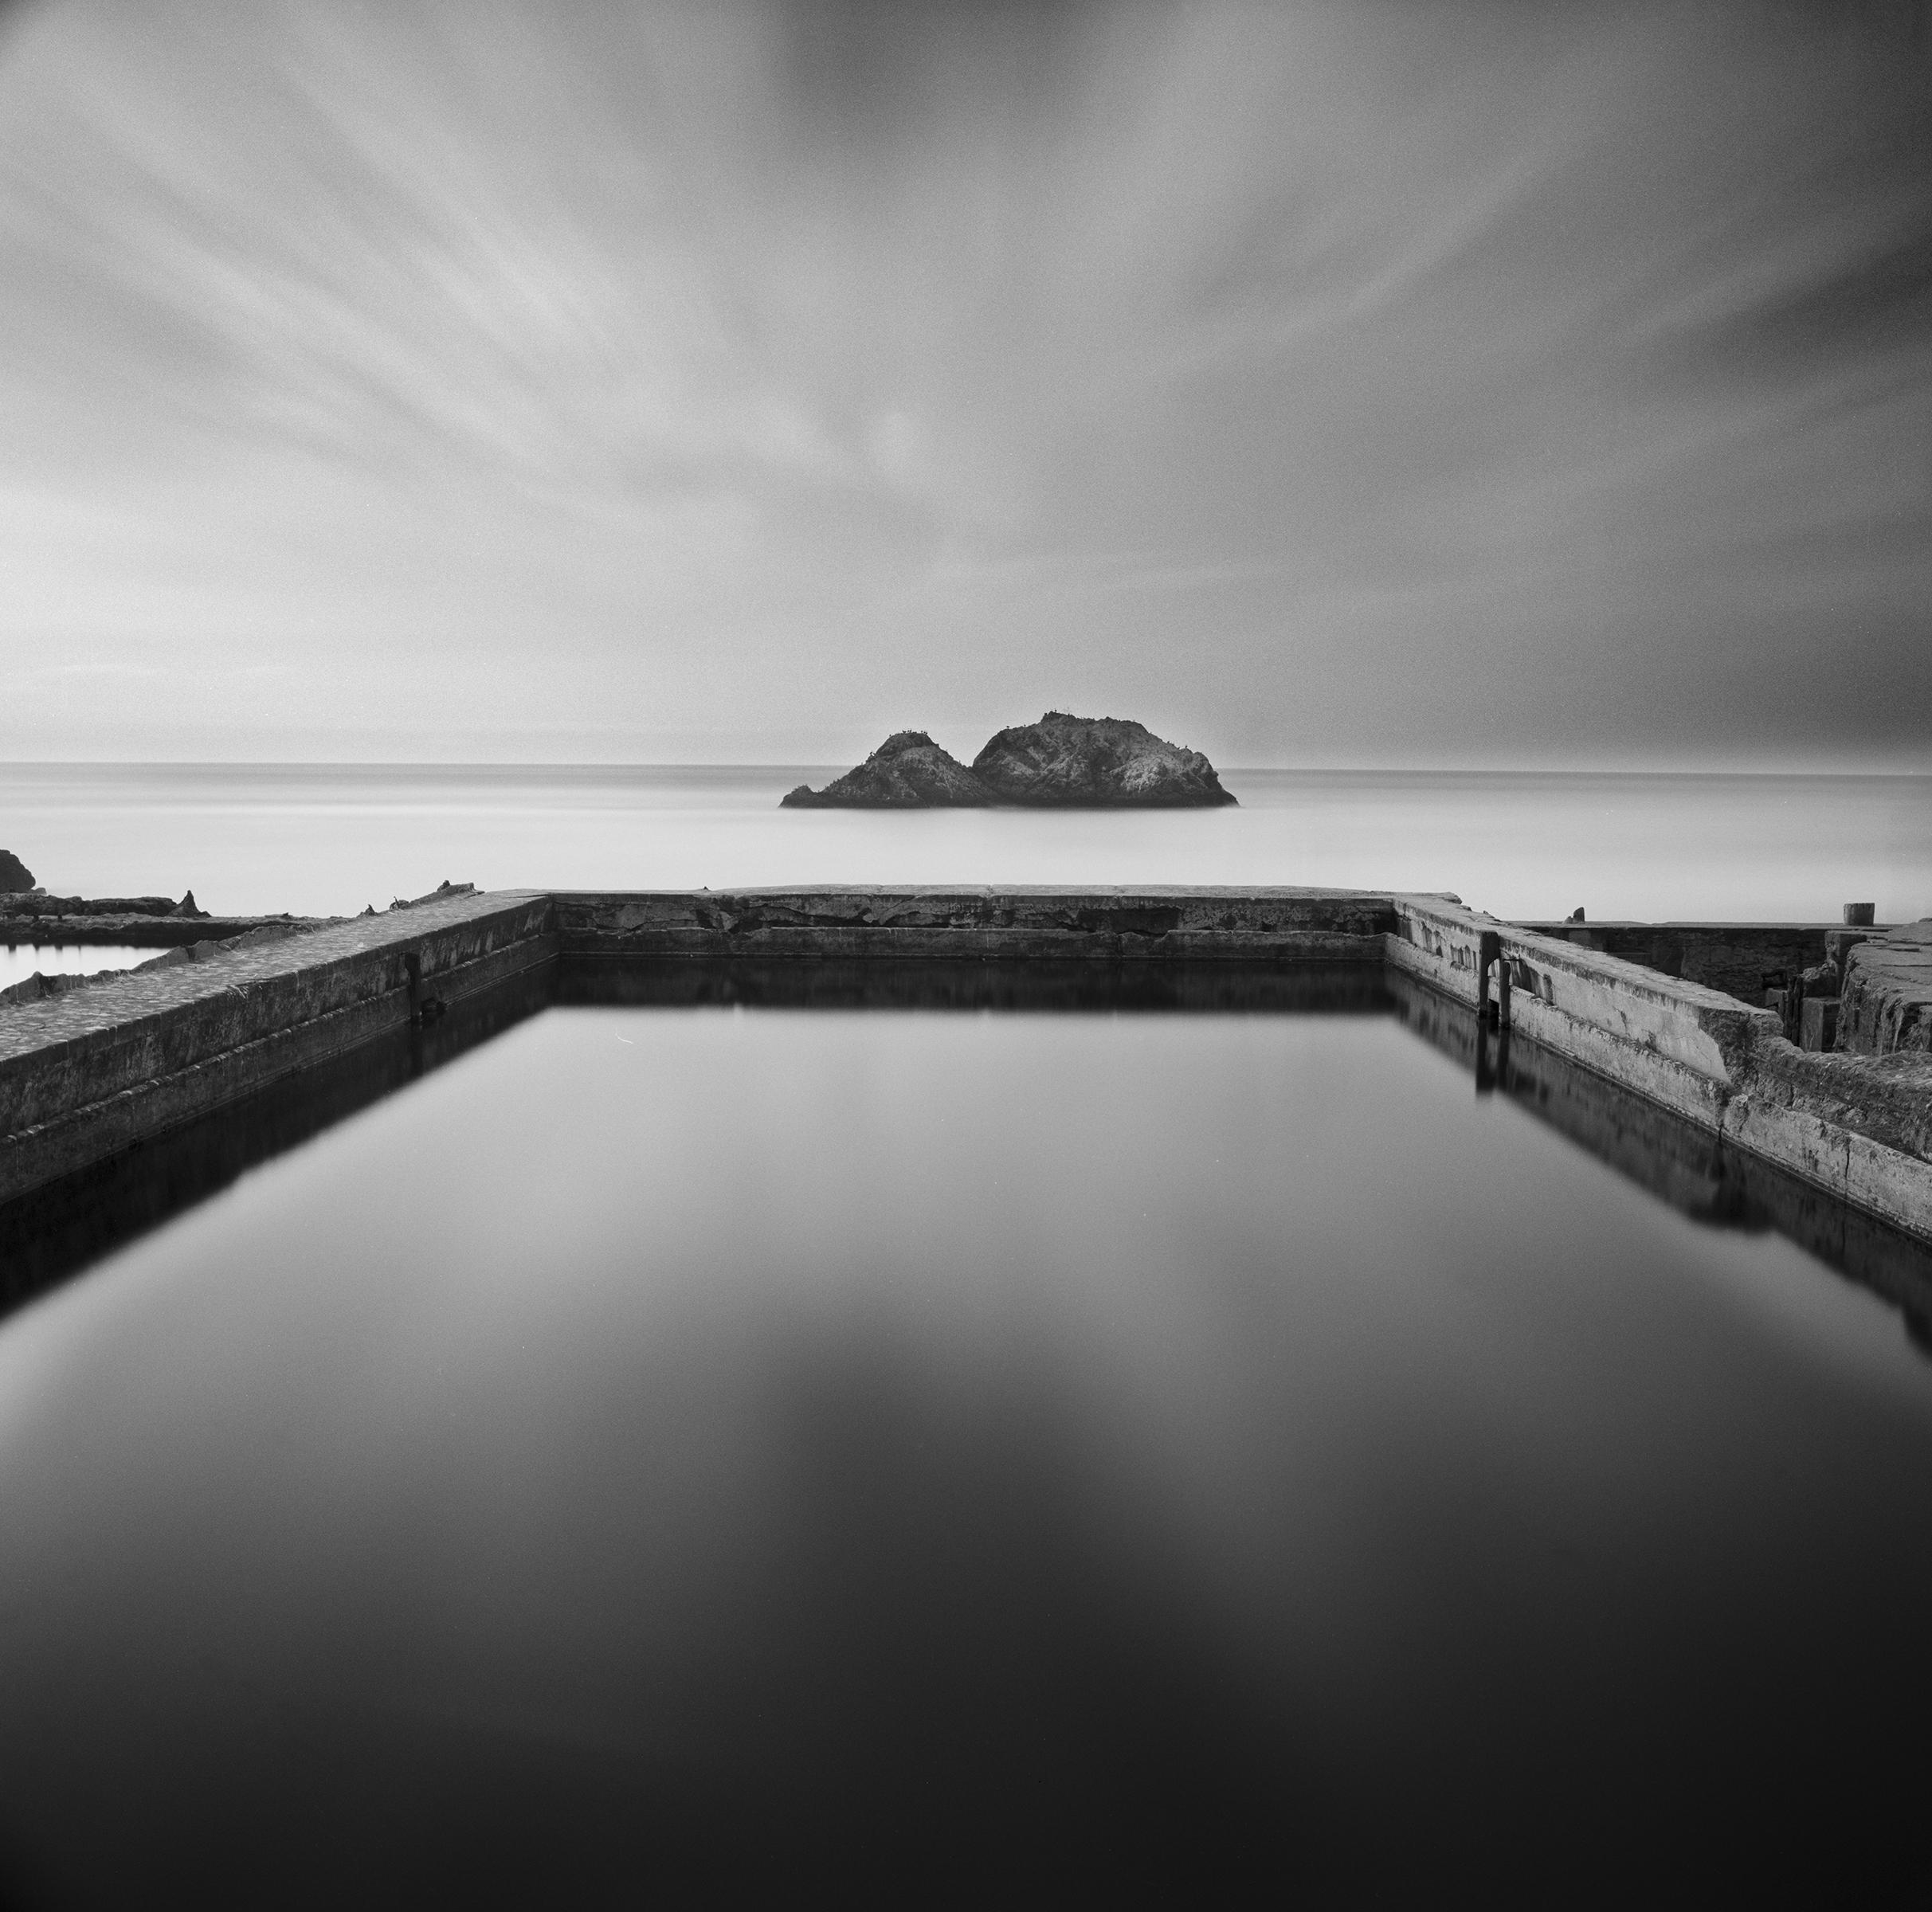 Wilton Wong, Sutro Baths